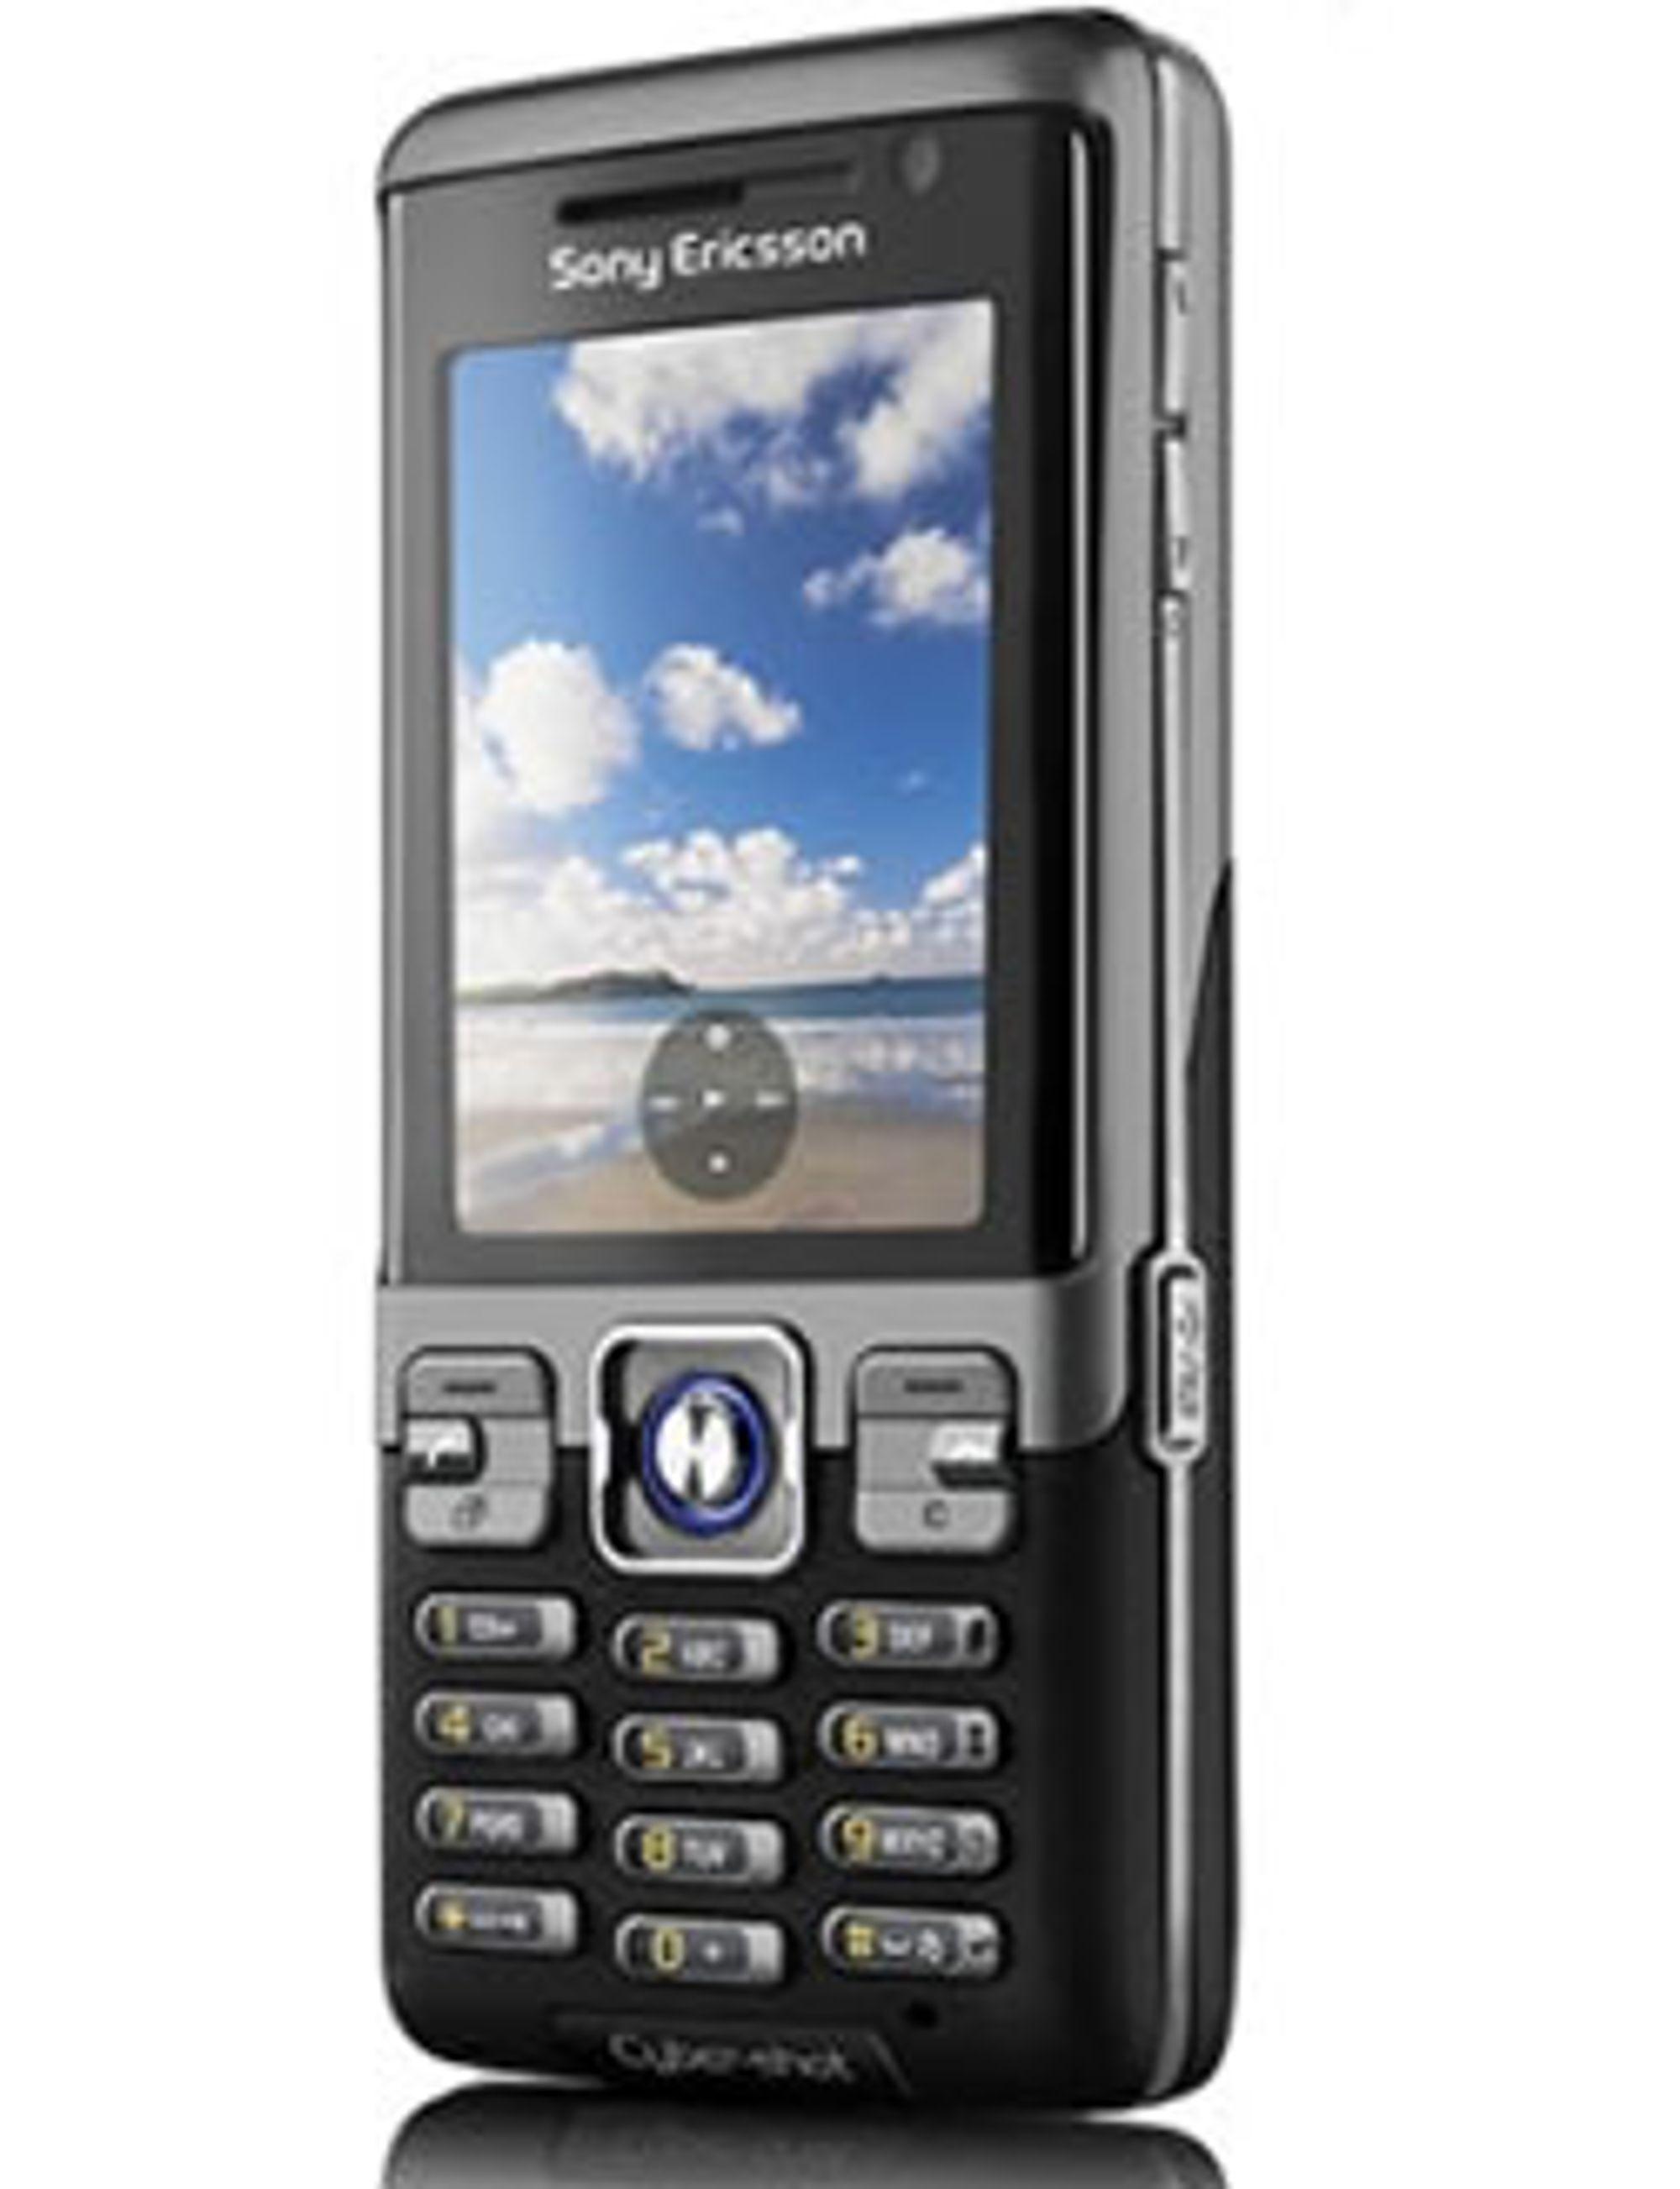 C702i er en røff telefon med Cybershot-kamera.